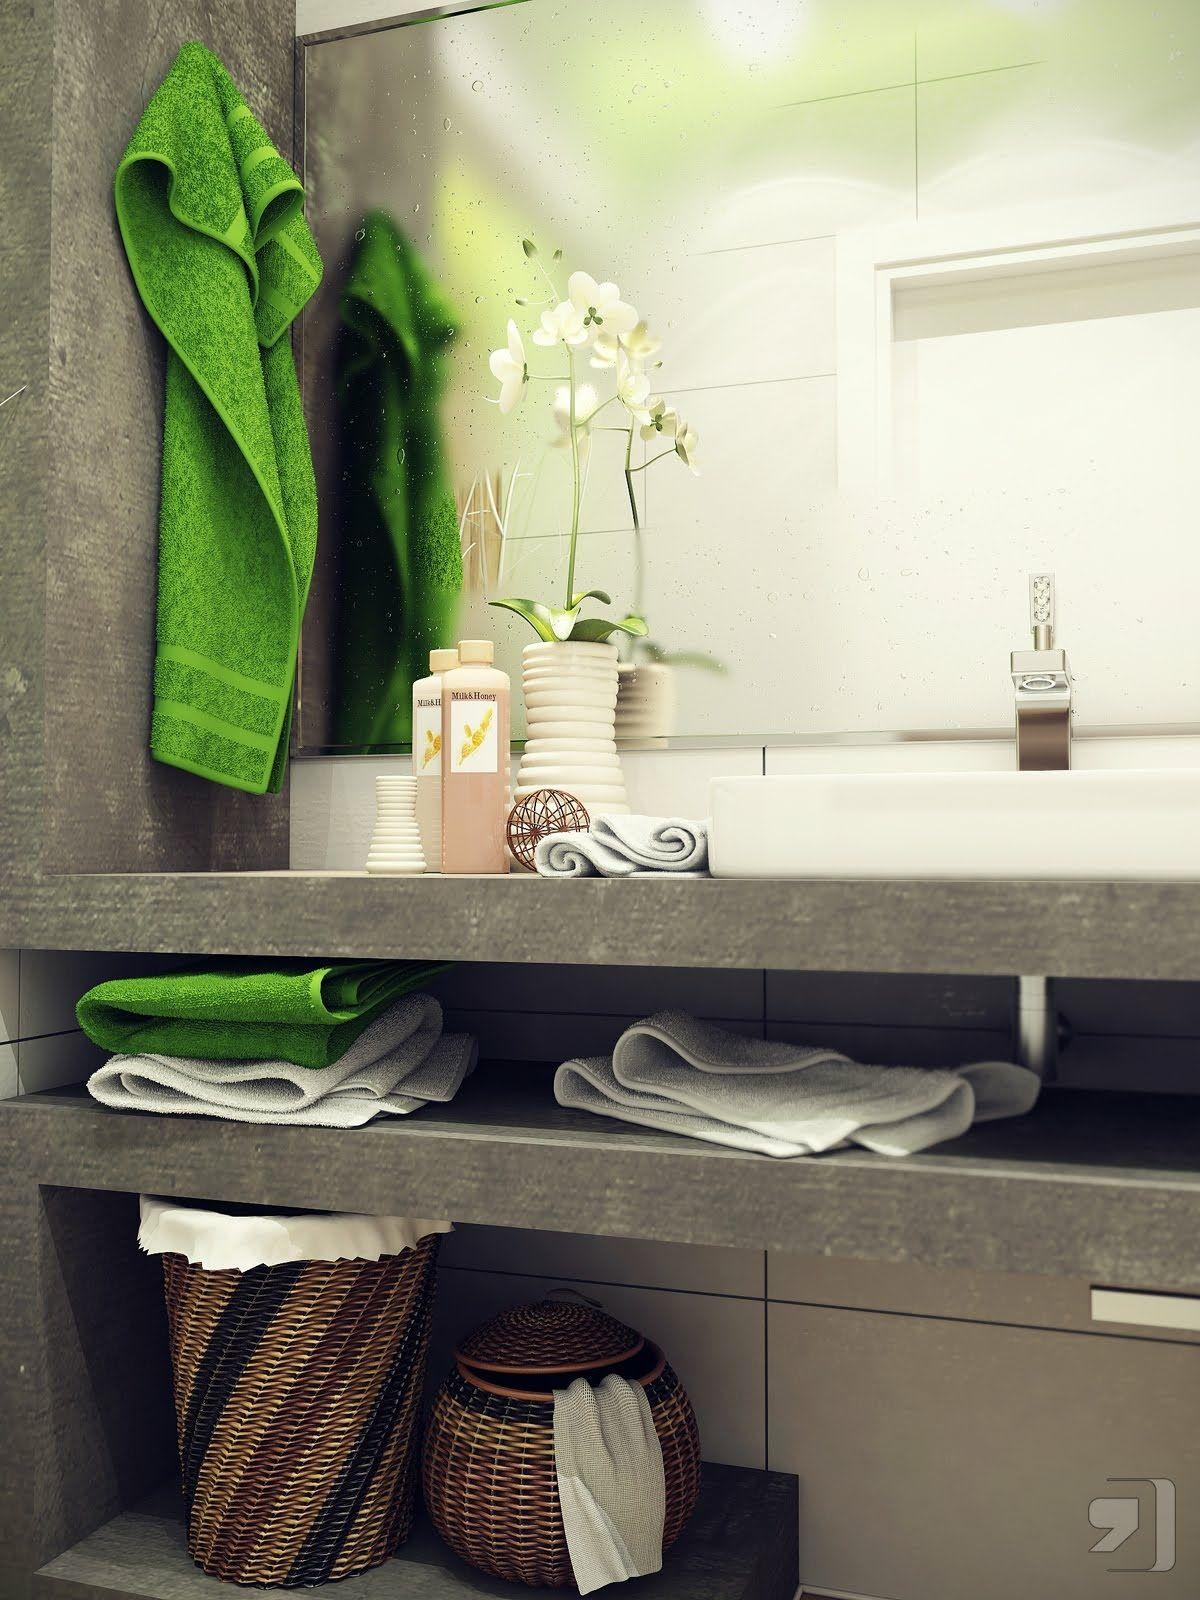 Casas De Banho Pequenas Small Bathroom Designs Small Bathroom - Green bathroom towels for small bathroom ideas